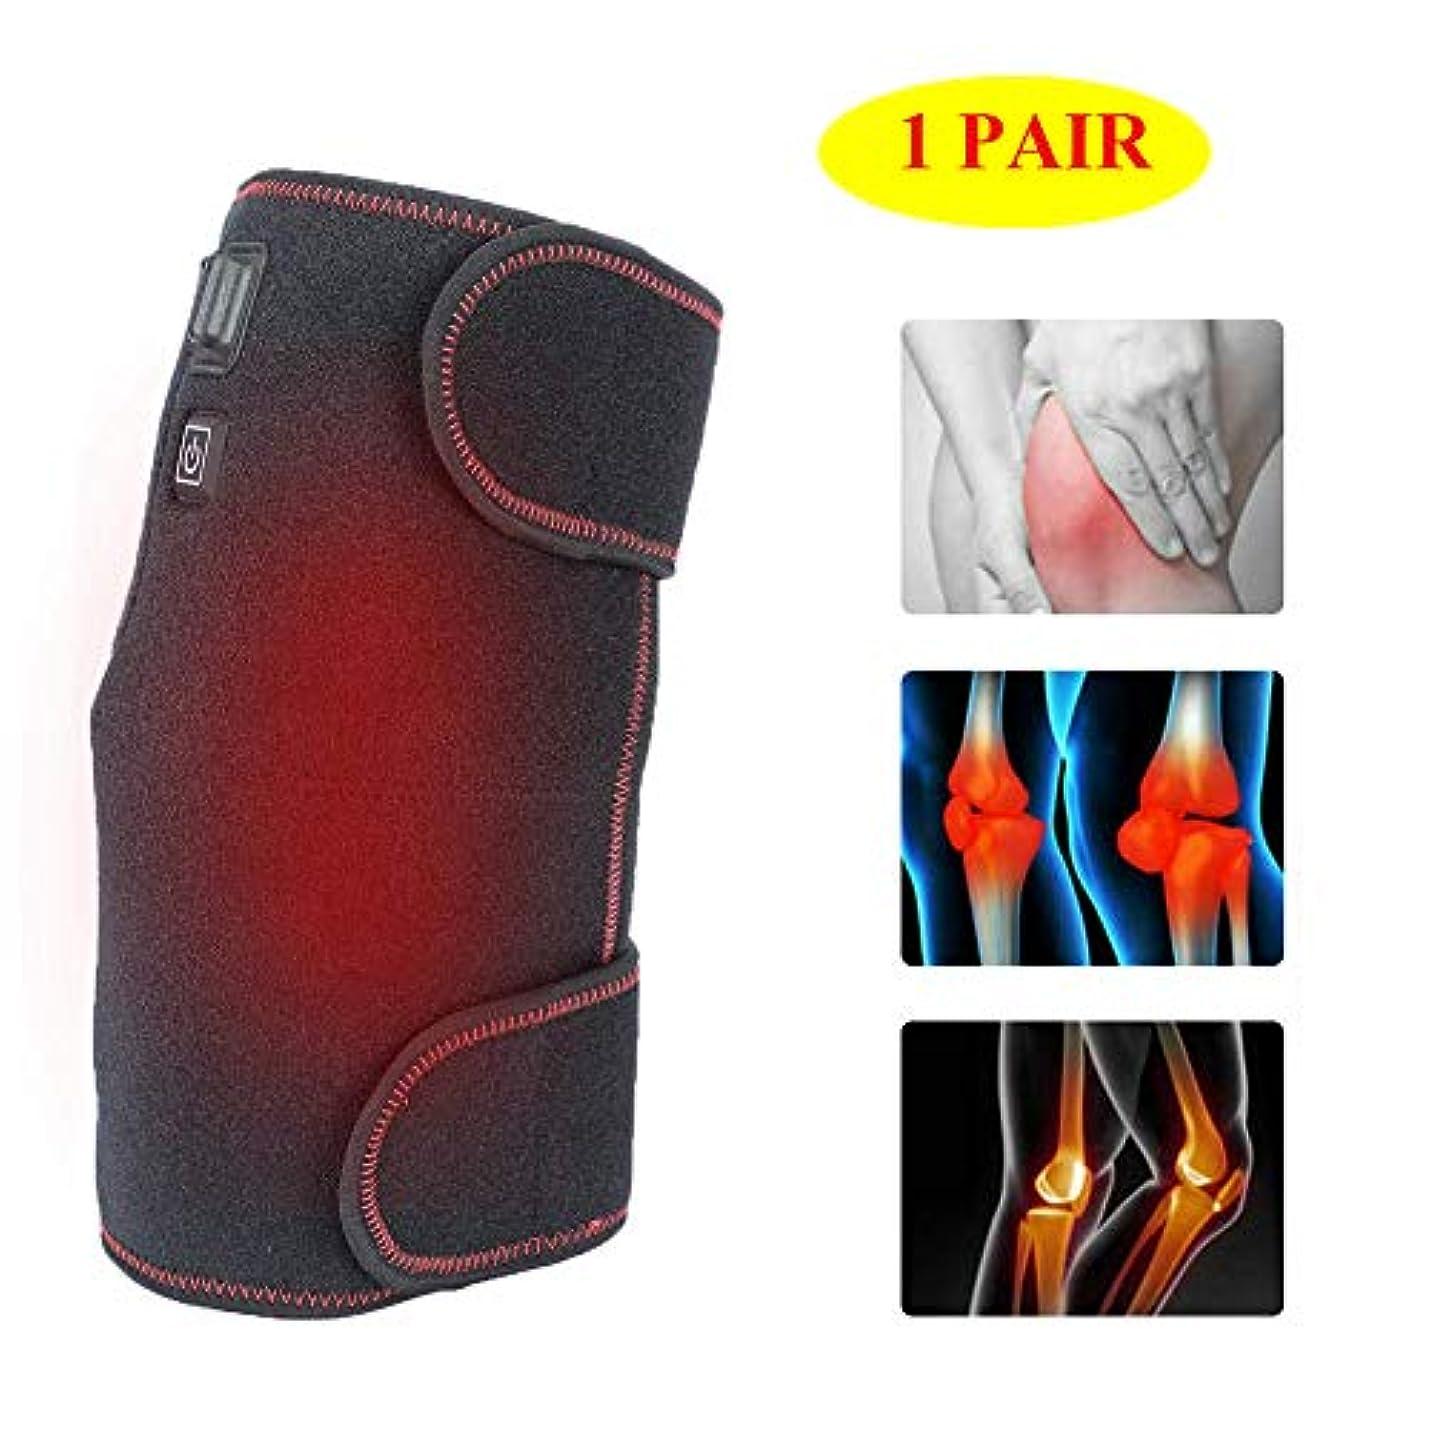 巻き戻す一方、疫病加熱膝ブレースサポート1ペア - USB充電式膝暖かいラップ加熱パッド - 療法ホット圧縮3ファイル温度で膝の傷害